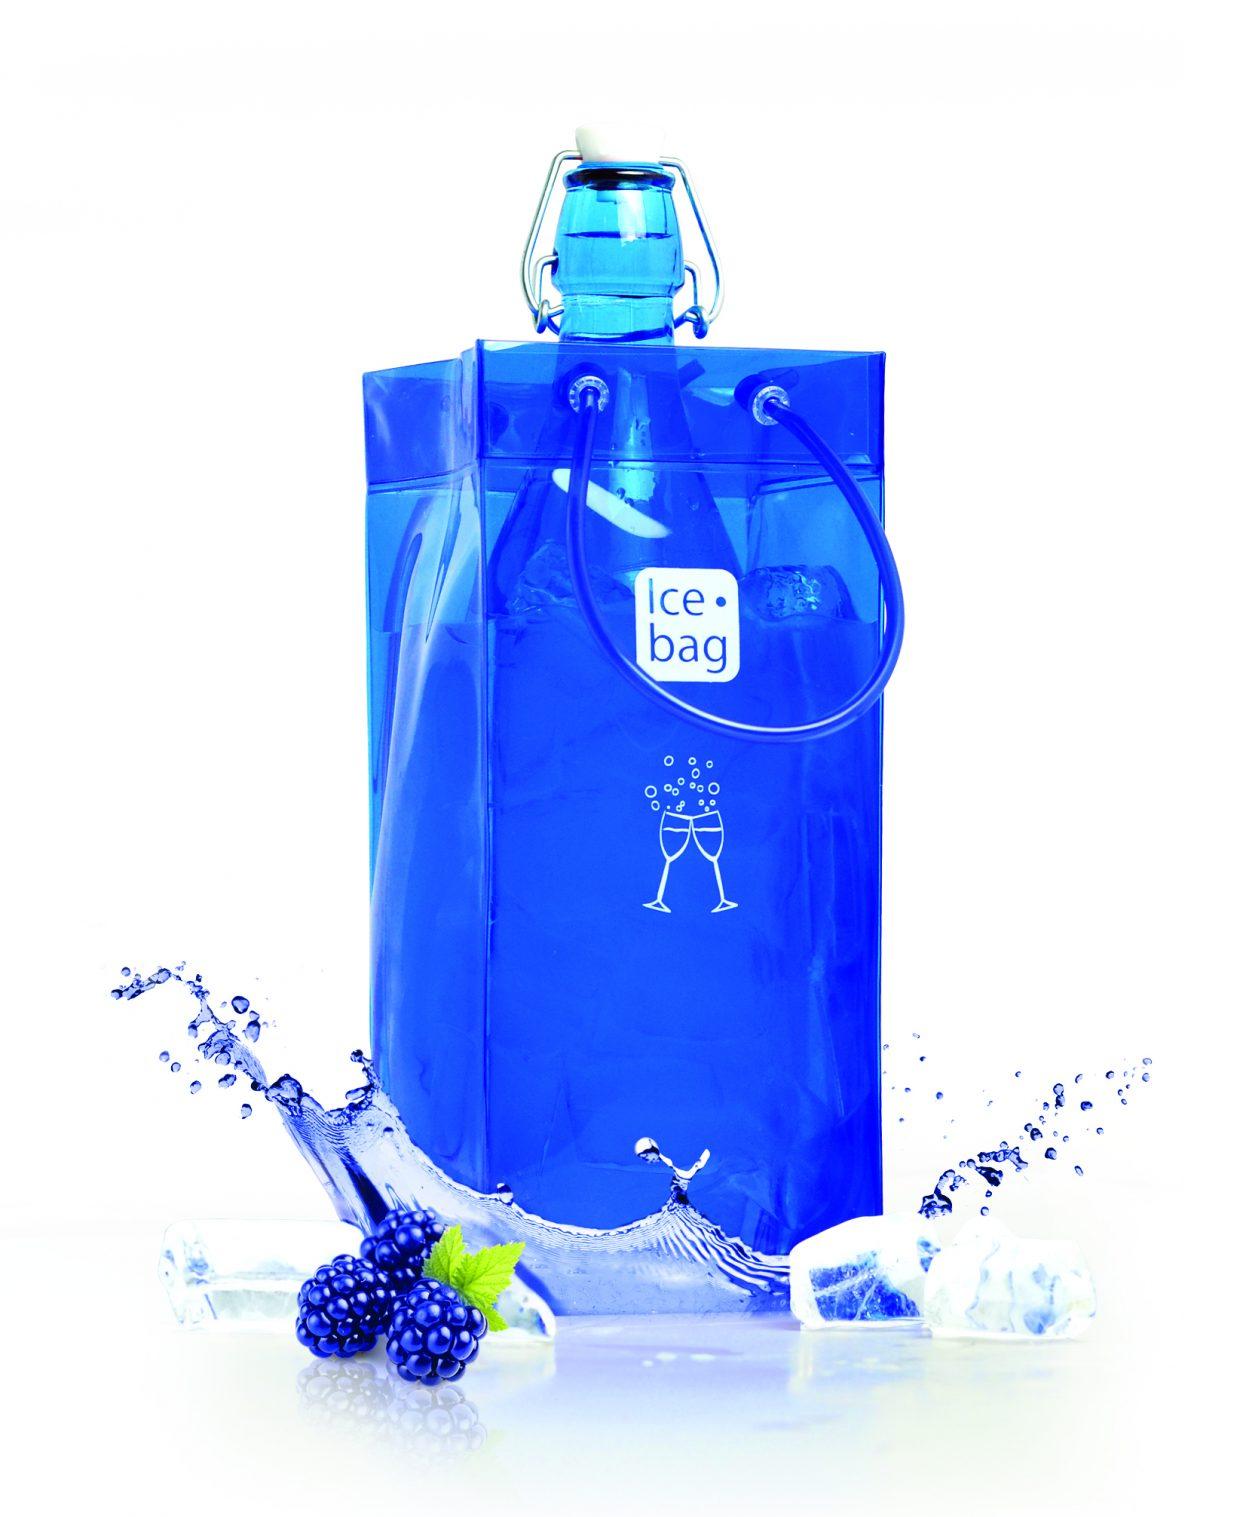 FrenchBlue-1240x1517